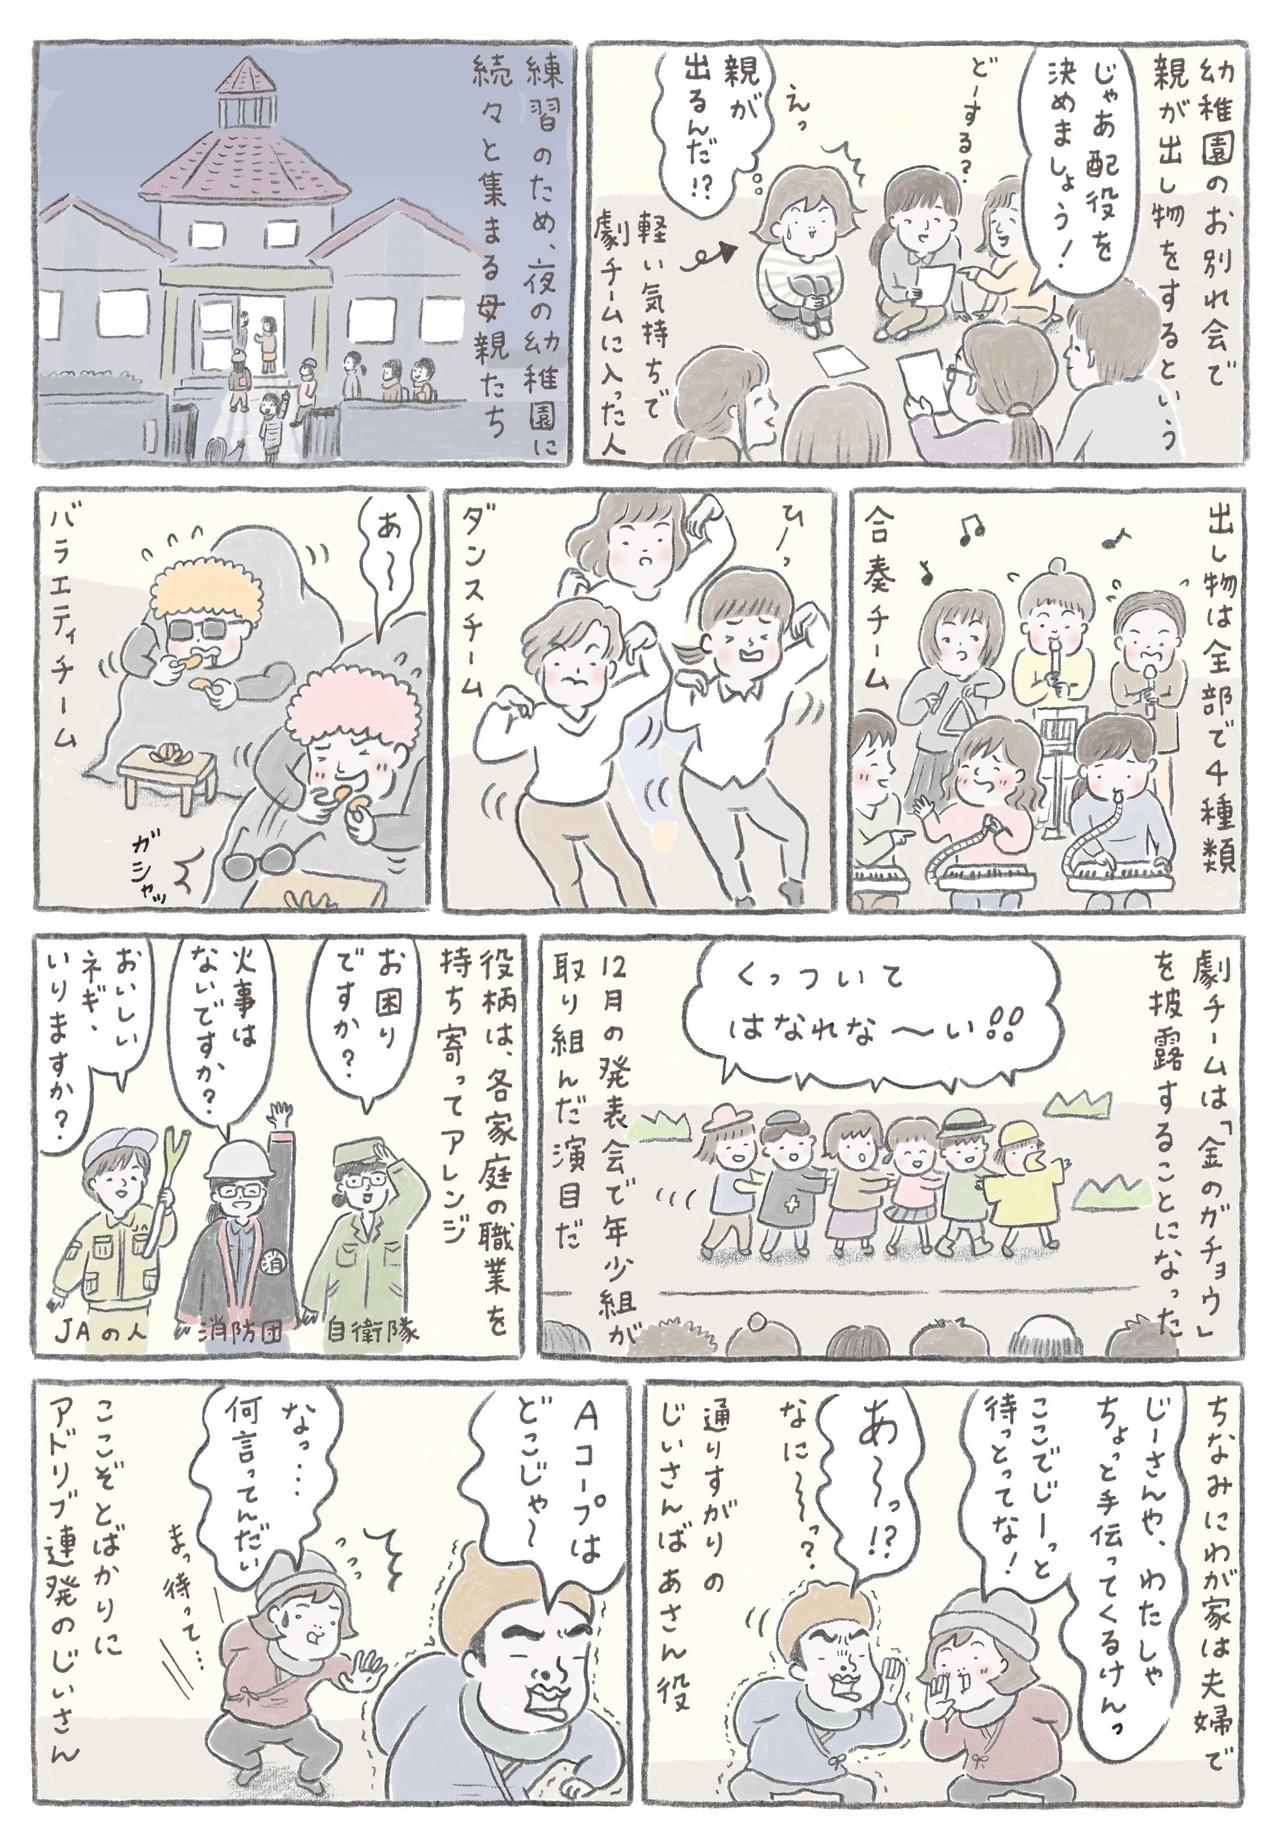 20170328なぎさん1